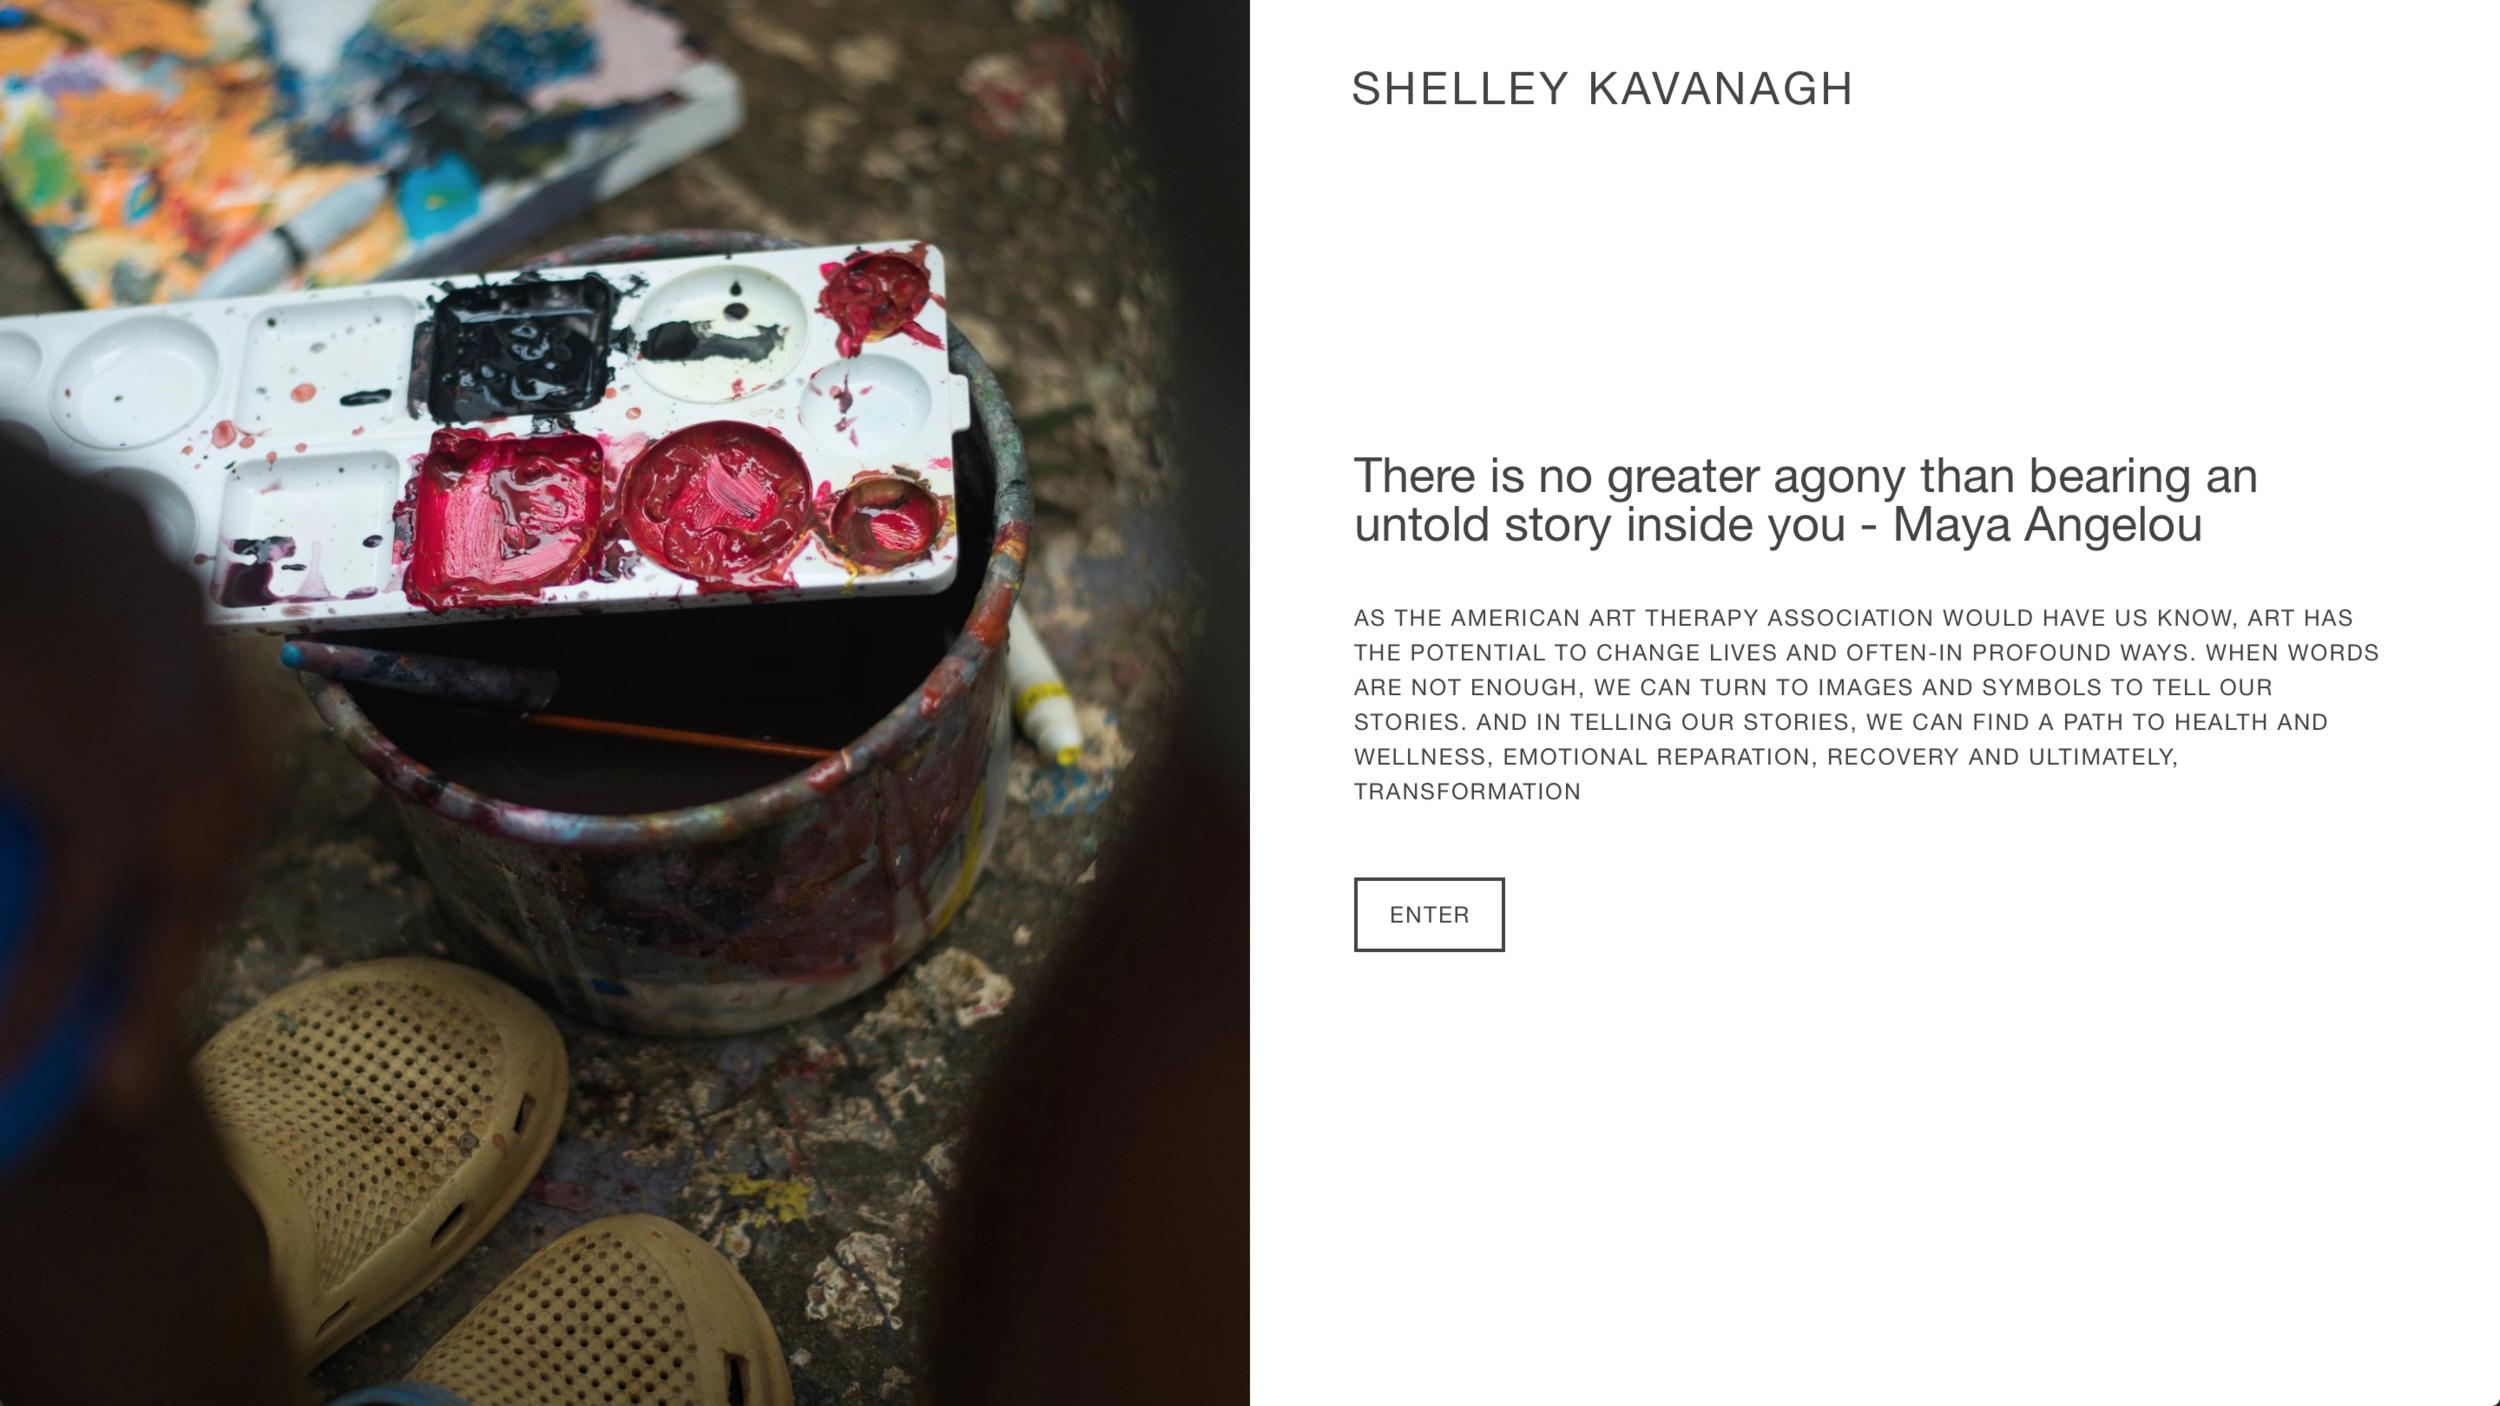 Shelley Kavanagh Art Therapist (www.shelleykavanagh.com)